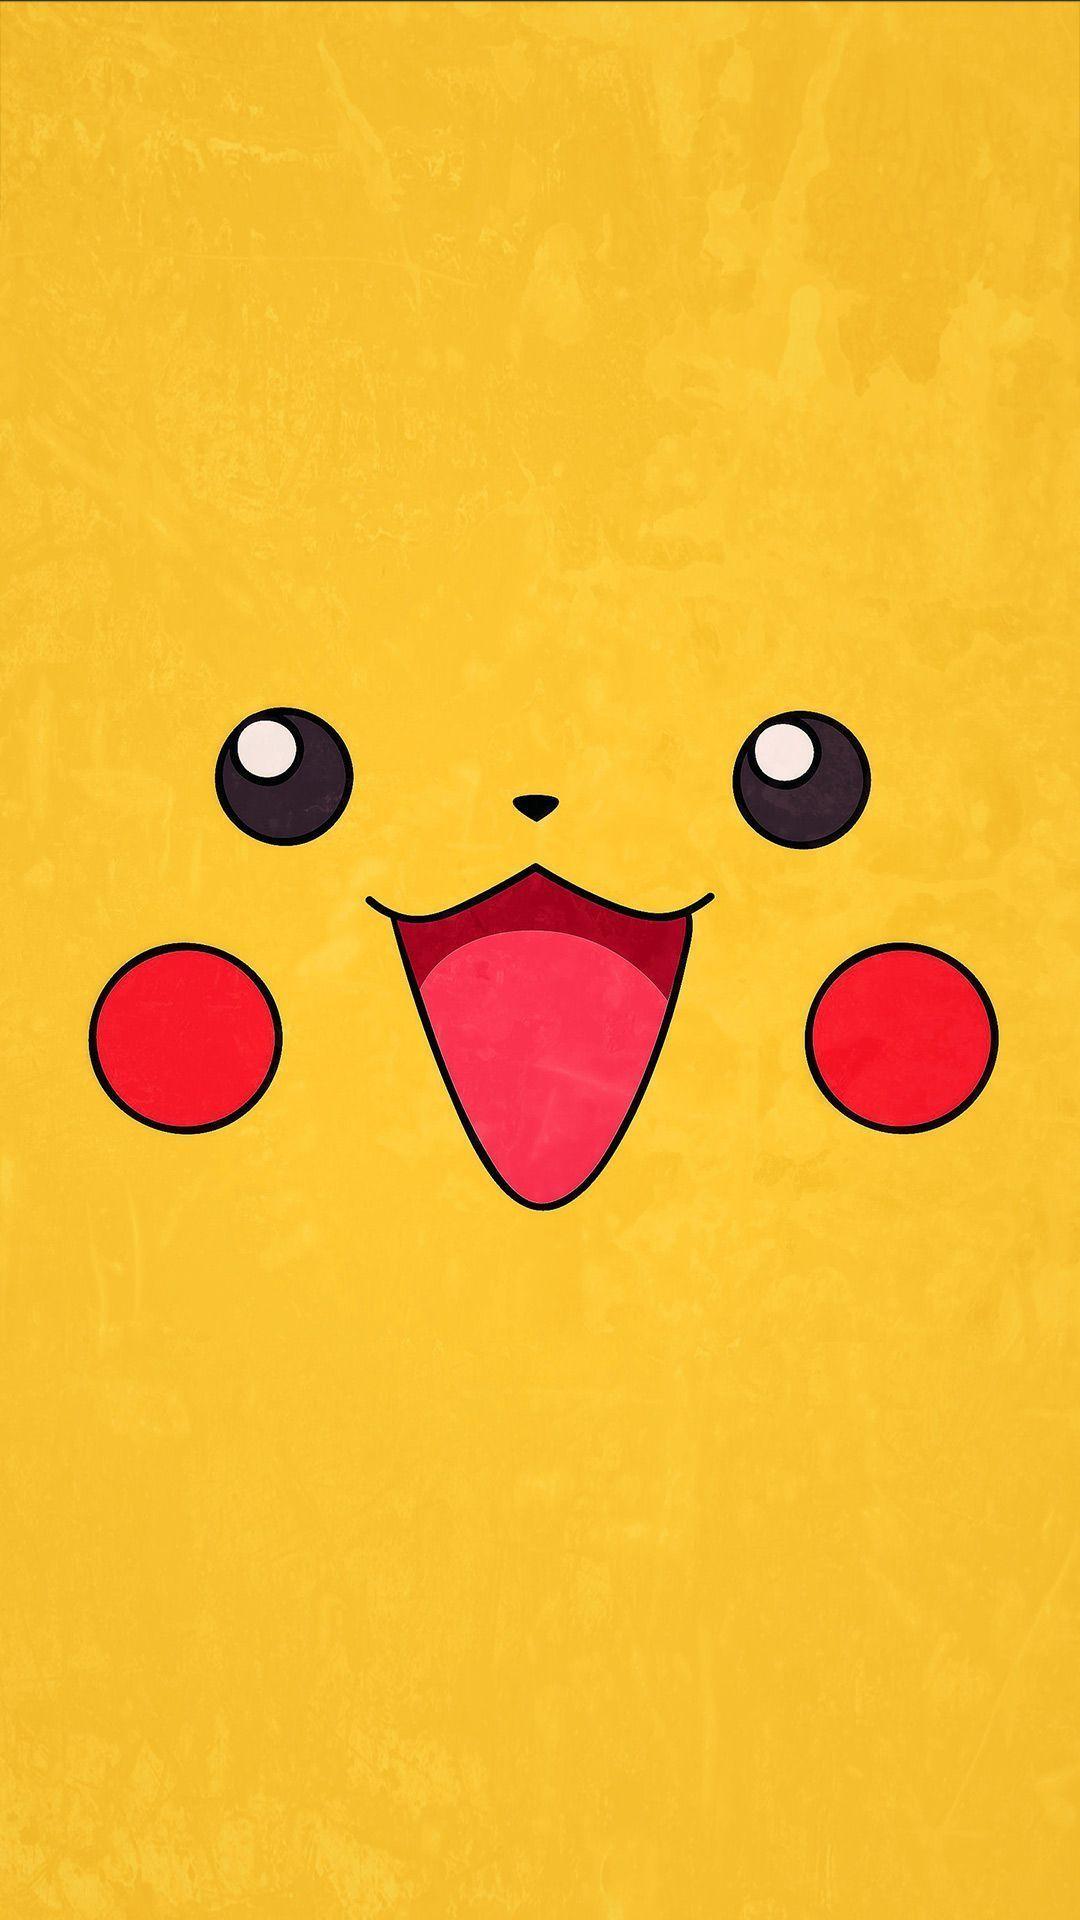 Cute Cartoon Hd Wallpapers Free Download Free Pokemon Iphone Wallpapers Pixelstalk Net